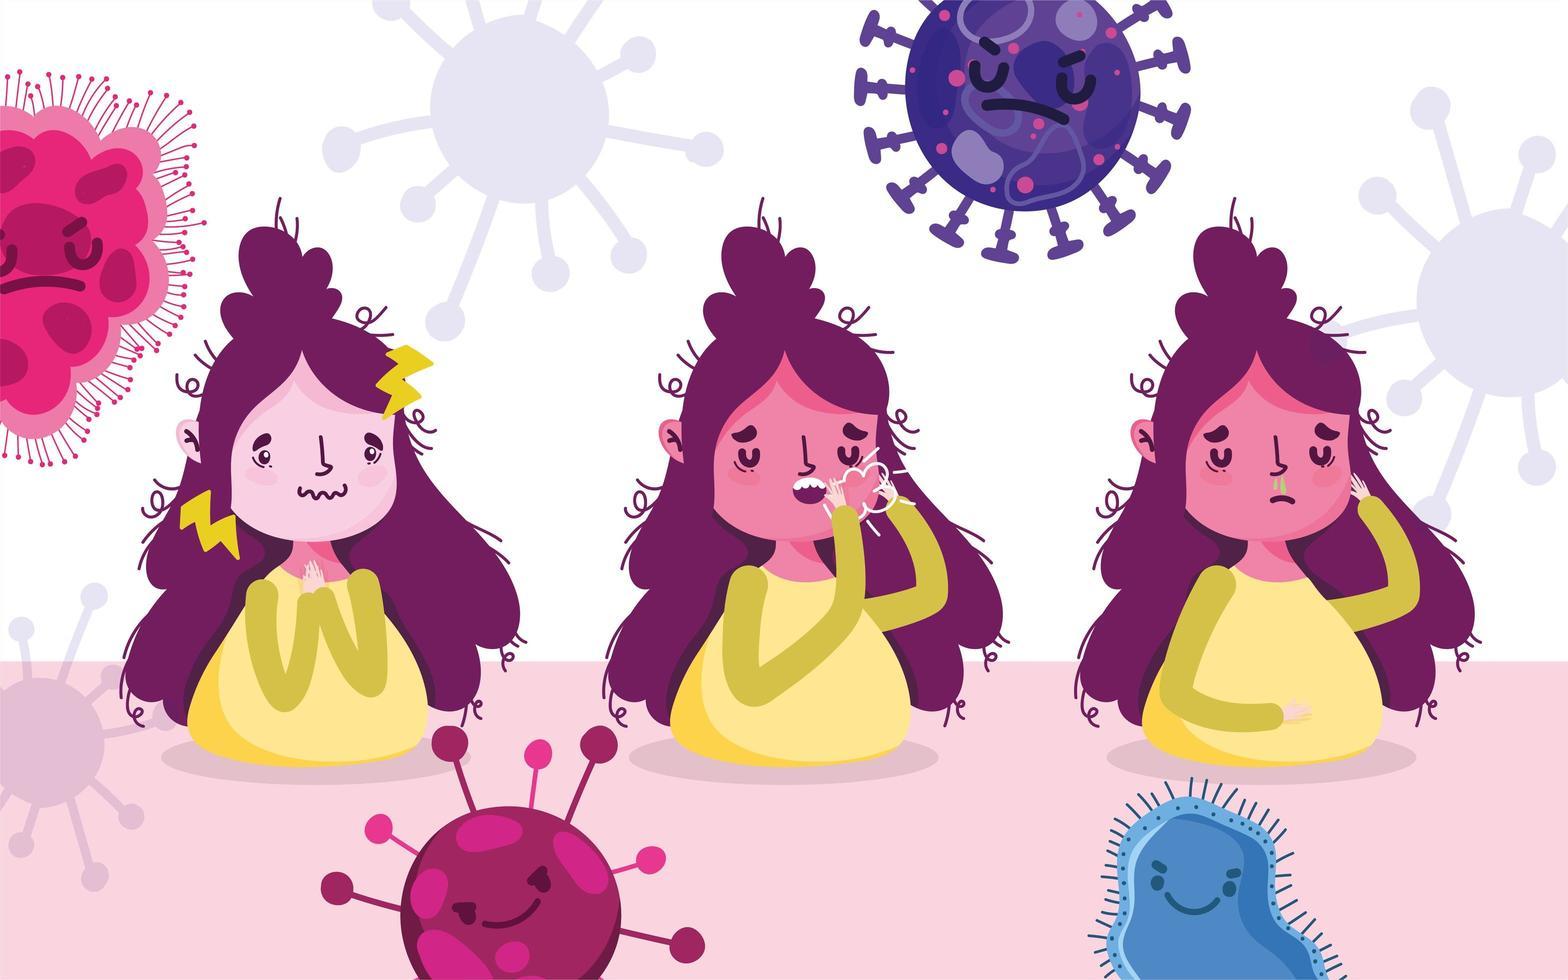 conception de la pandémie covid 19 avec des femmes présentant des symptômes vecteur